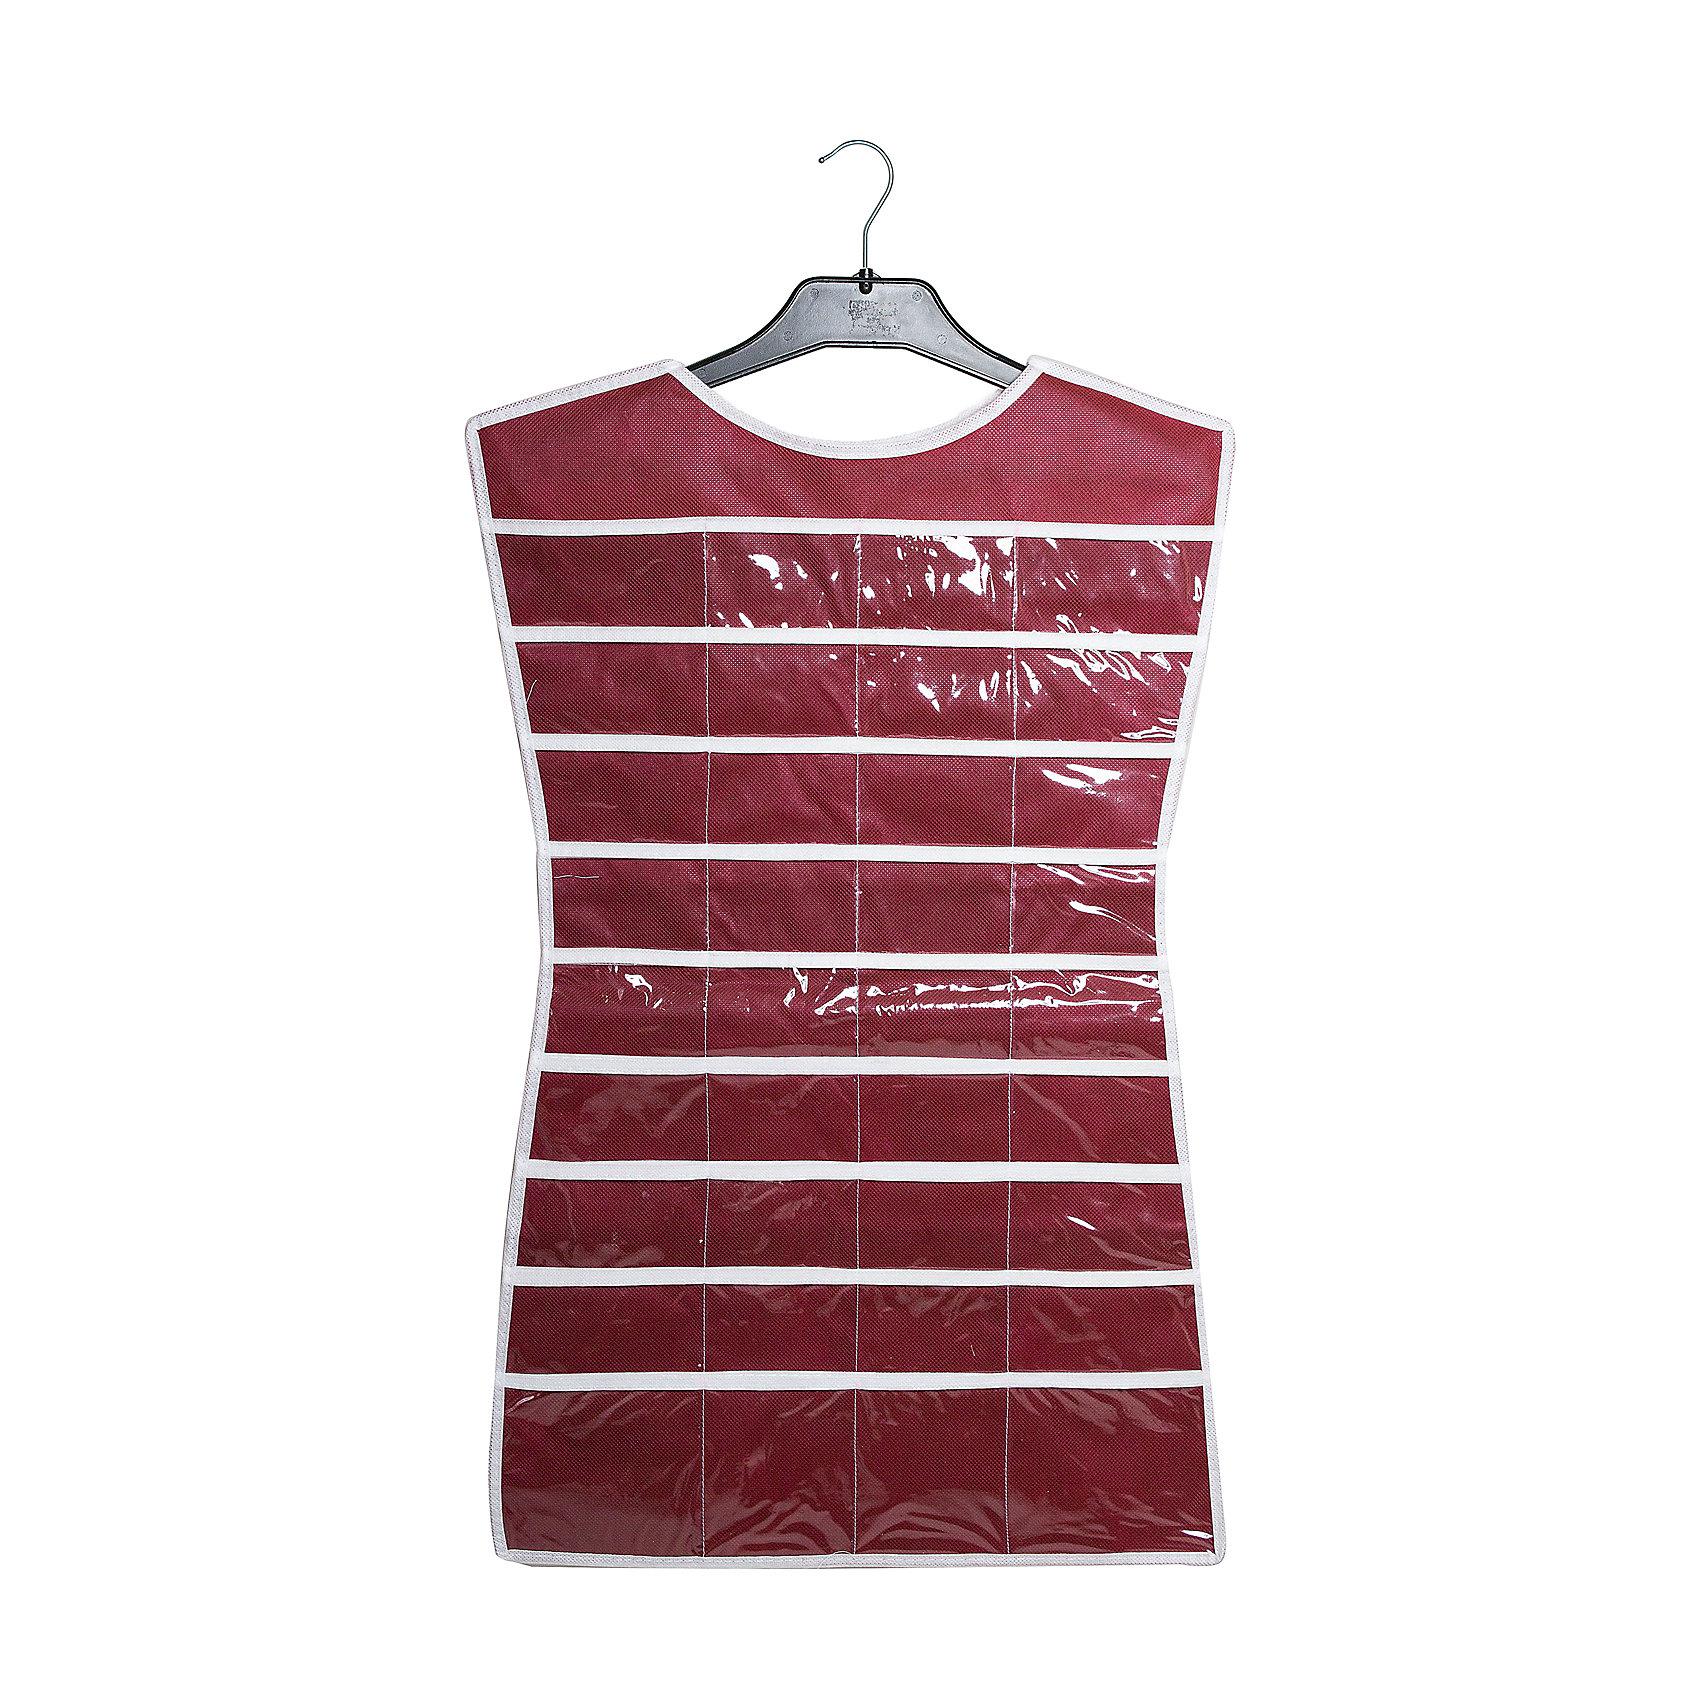 Органайзер-платье для украшений Red Rose, HomsuПорядок в детской<br>Характеристики товара:<br><br>• цвет: бордовый<br>• материал: полиэстер, ПВХ<br>• размер: 46х75 см<br>• вес: 300 г<br>• подвесной<br>• крепление: крючок<br>• вместимость: 36 отделений<br>• страна бренда: Россия<br>• страна изготовитель: Китай<br><br>Органайзер-платье для украшений Red Rose от бренда Homsu (Хомсу) - очень удобная вещь для хранения вещей и эргономичной организации пространства.<br><br>Он легкий, вместительный, легко помещается в шкафу или на двери.<br><br>Органайзер-платье для украшений Red Rose, Homsu можно купить в нашем интернет-магазине.<br><br>Ширина мм: 500<br>Глубина мм: 400<br>Высота мм: 20<br>Вес г: 300<br>Возраст от месяцев: 216<br>Возраст до месяцев: 1188<br>Пол: Унисекс<br>Возраст: Детский<br>SKU: 5620238